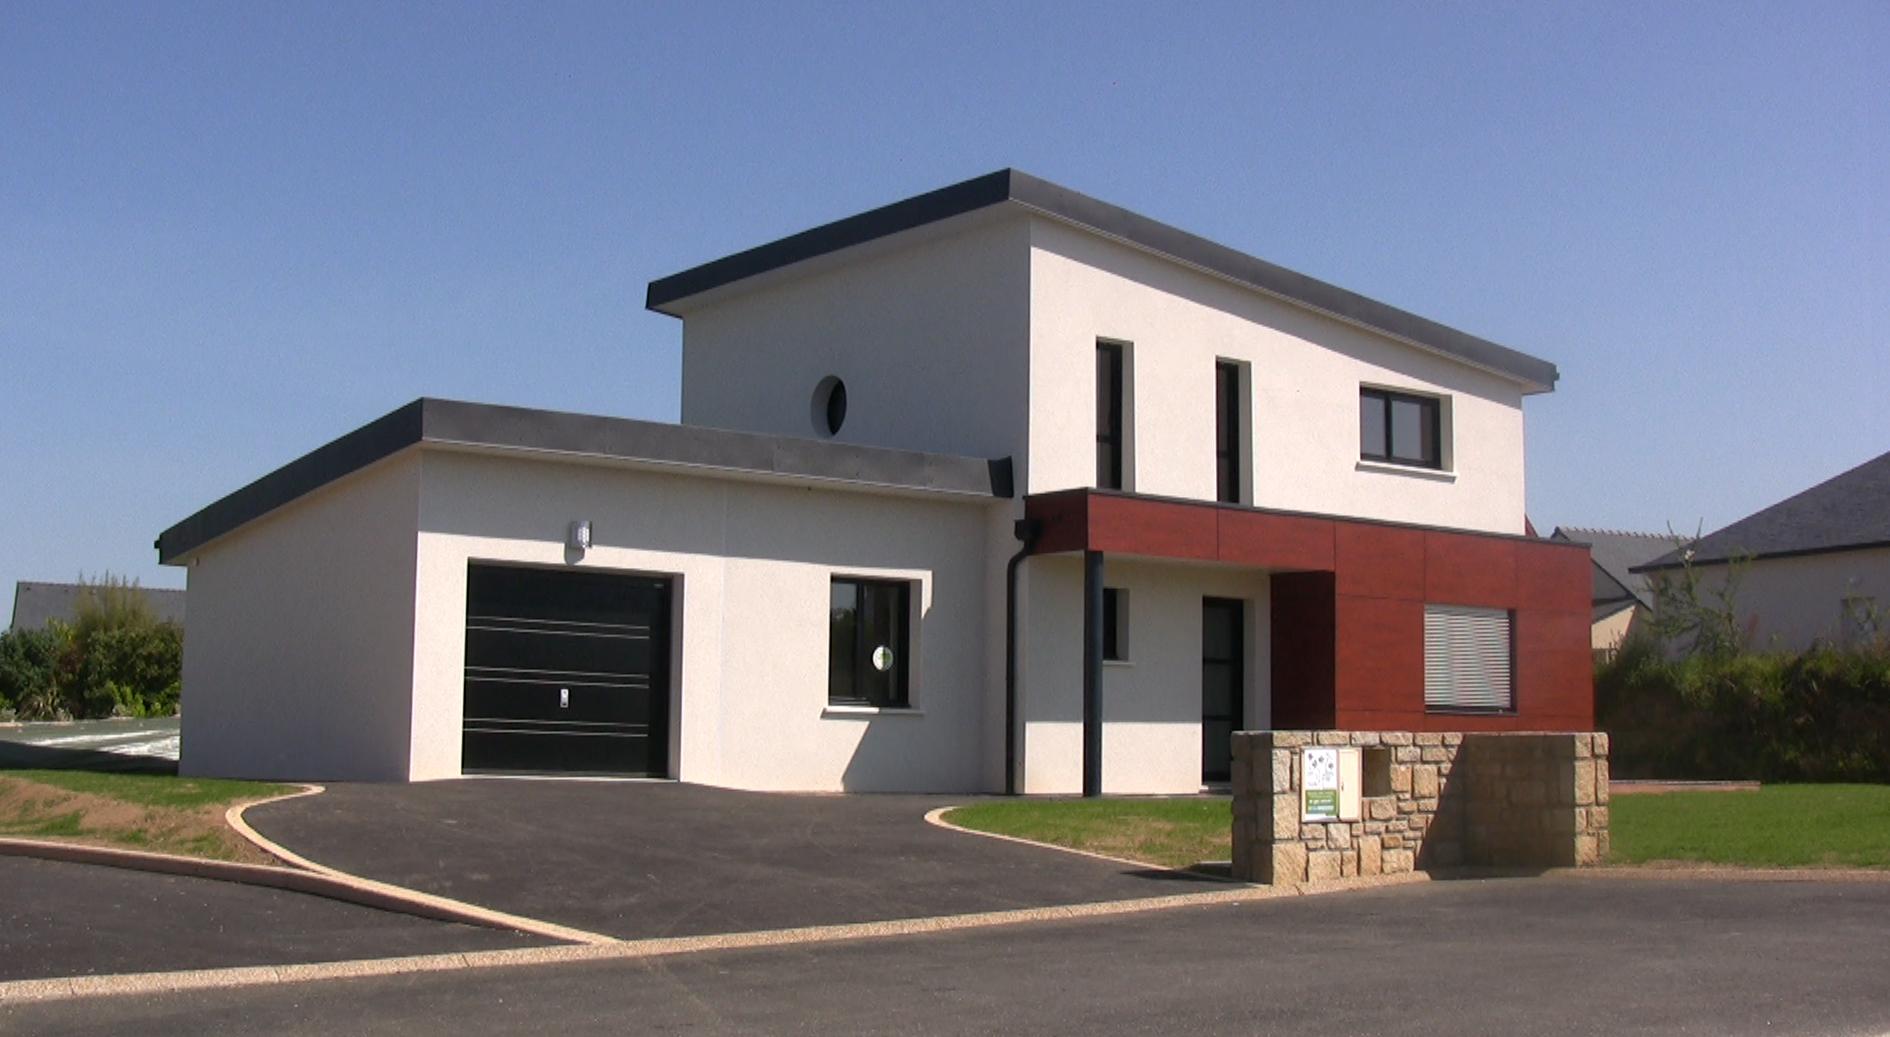 Constructeur de maison contemporaine maisons fran ois l on for Constructeur maison positive